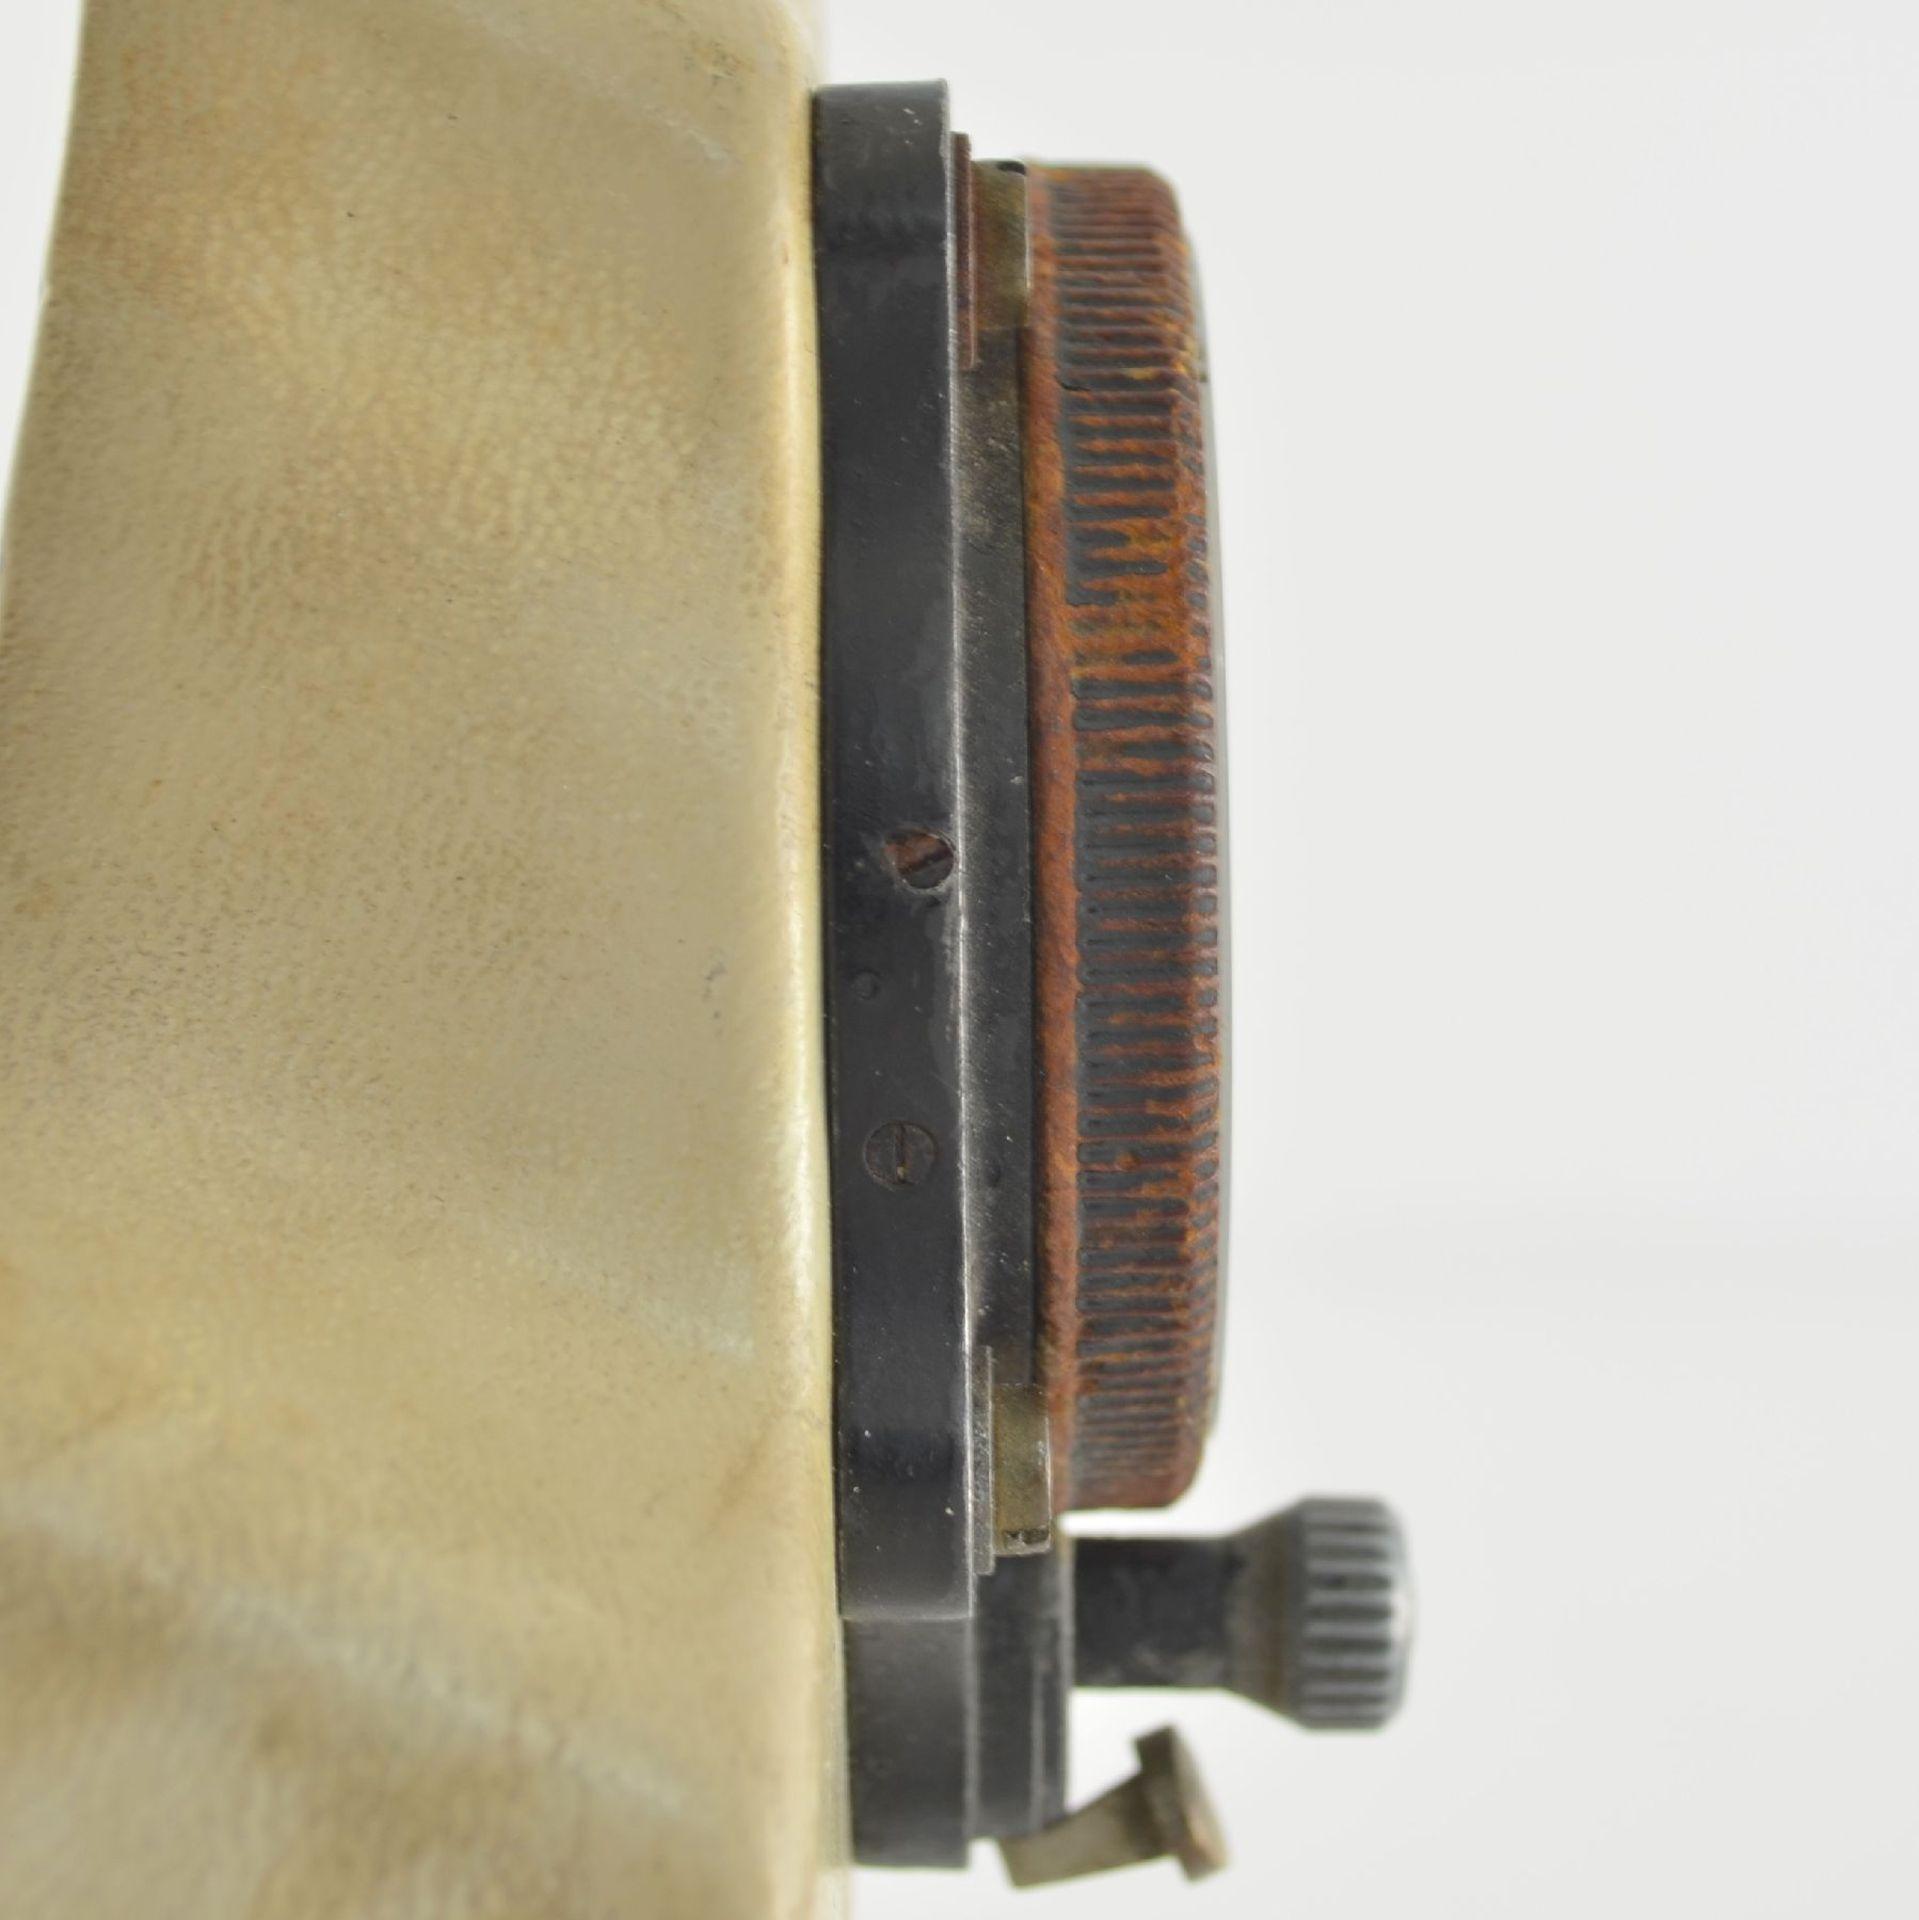 JUNGHANS Borduhr mit Chronograph (Dashboard), Deutschland um 1940, schwarzes Metallgeh., montiert - Bild 4 aus 6